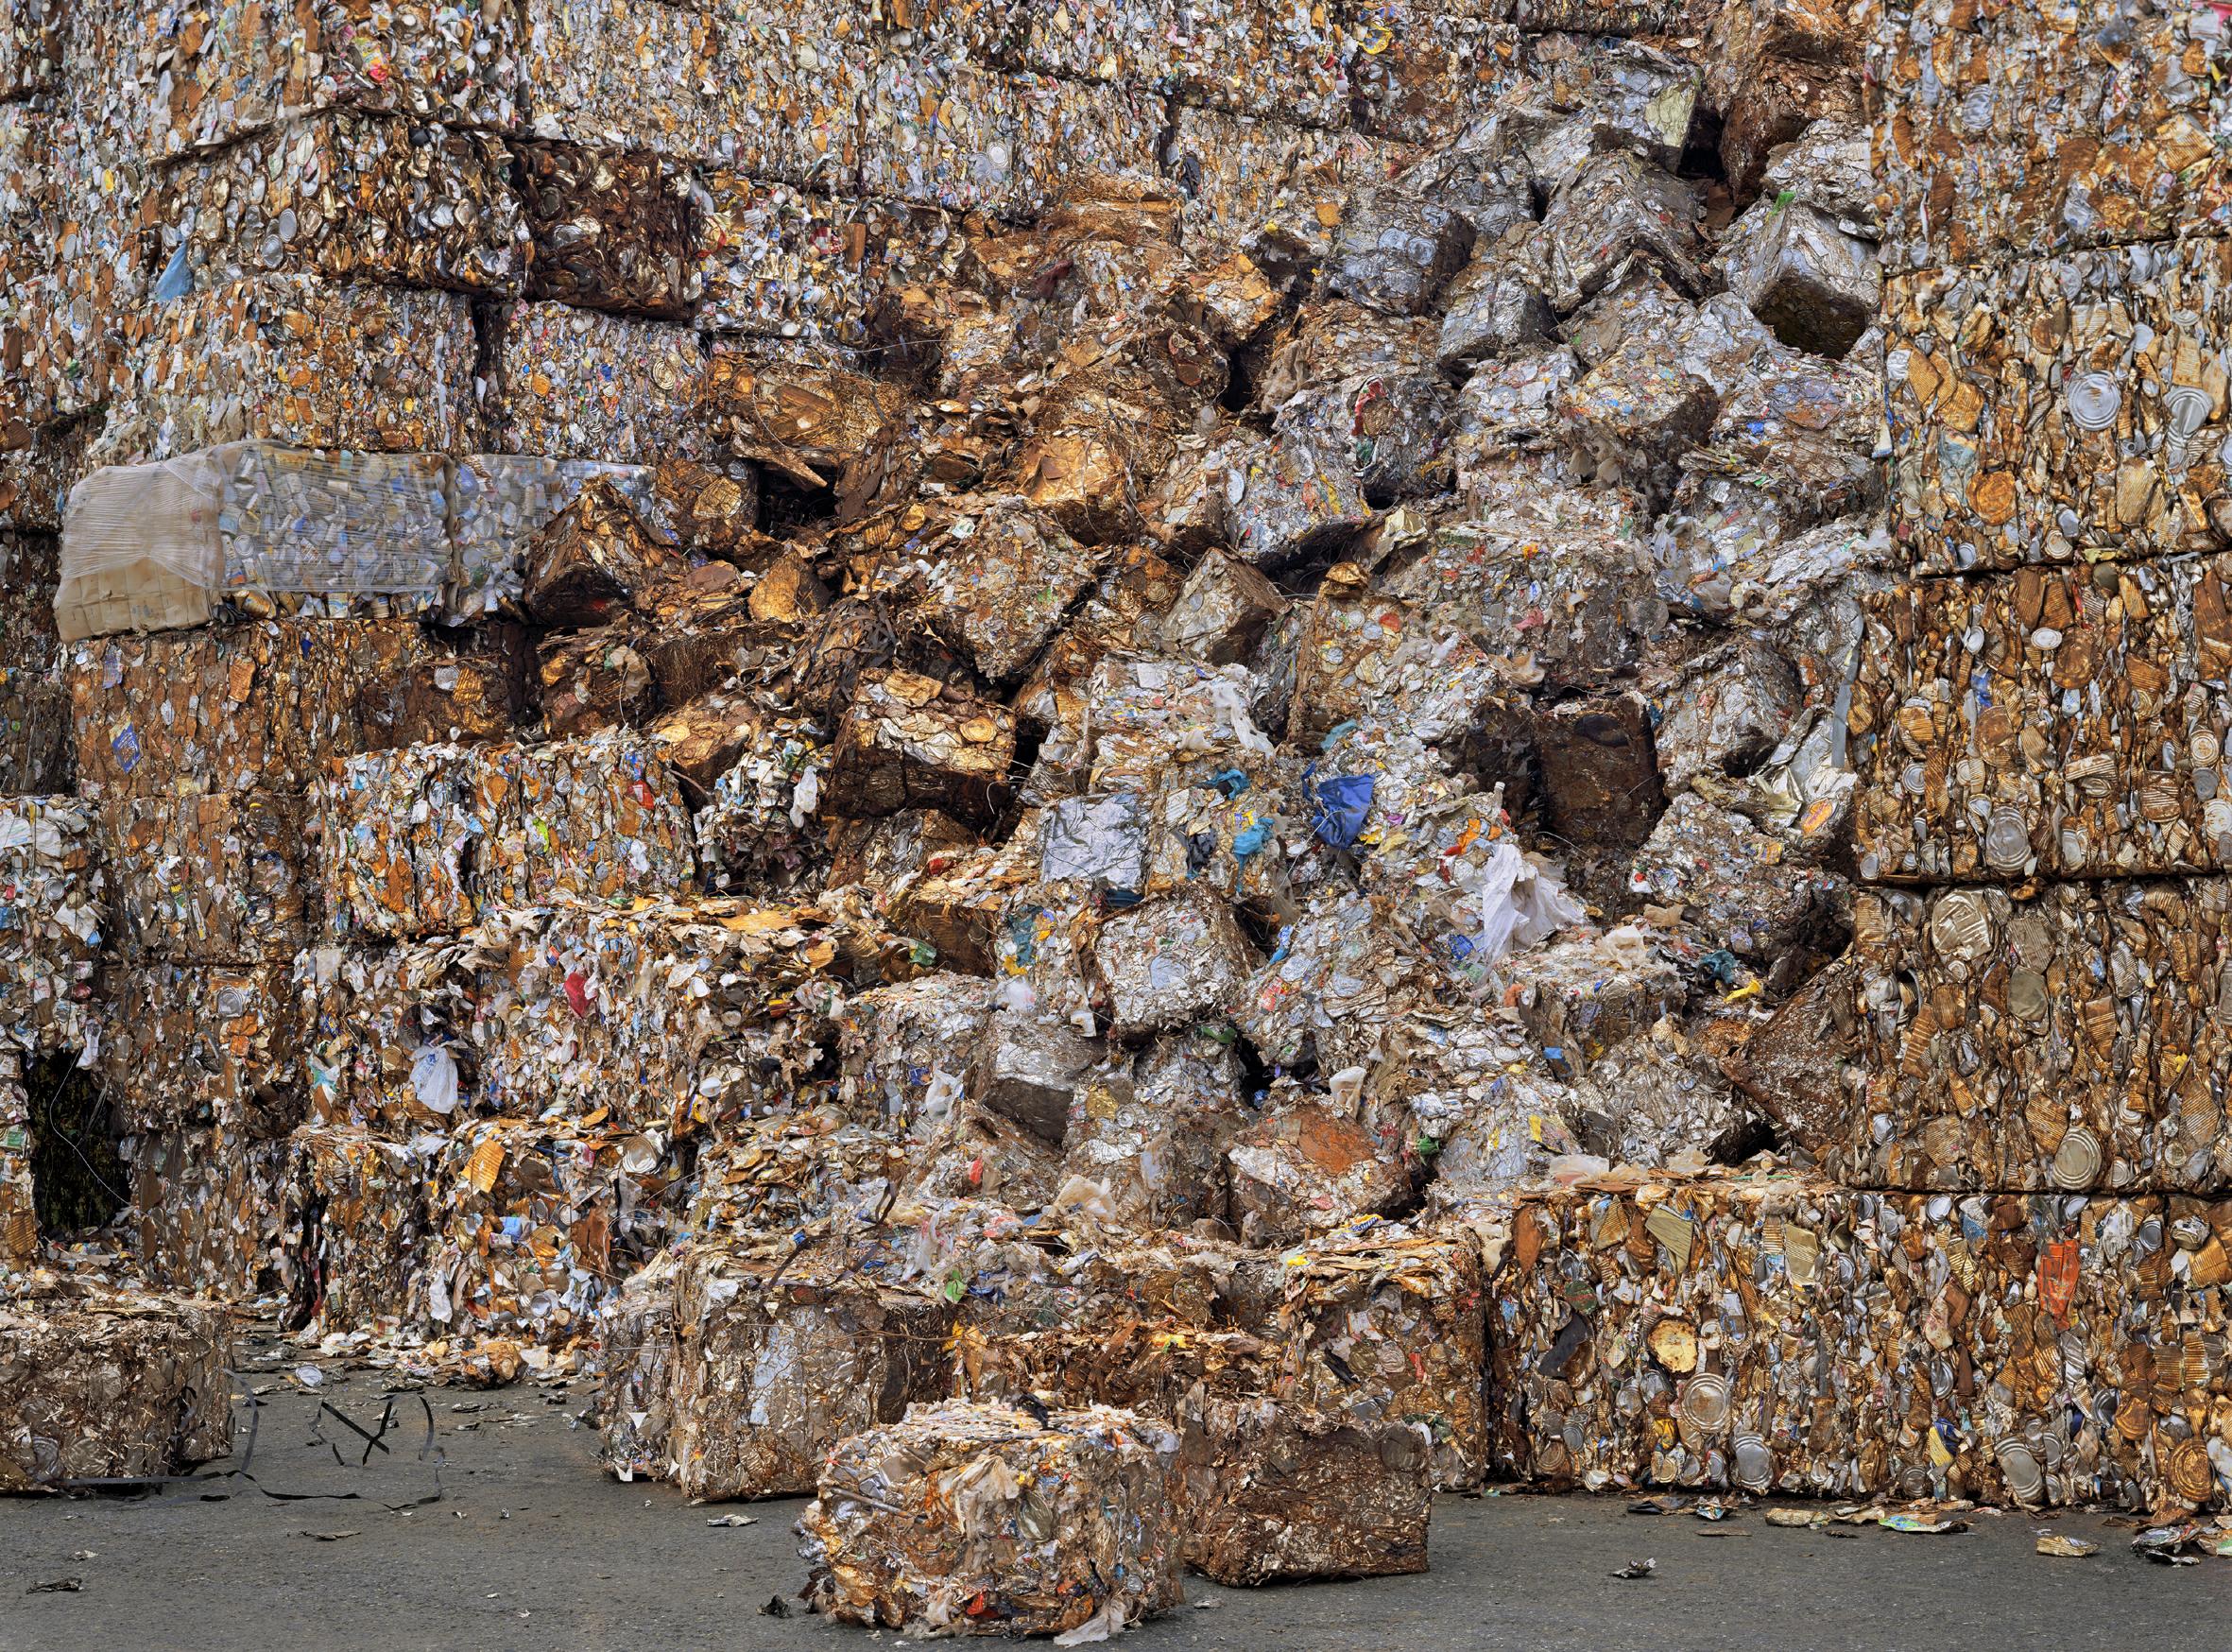 Chris Jordan. Recycling Yard, #6, Seattle (2004). Fotografía, 112x150 cm. (Foto del desmoronamiento de las pacas de residuos de la planta de reciclaje).